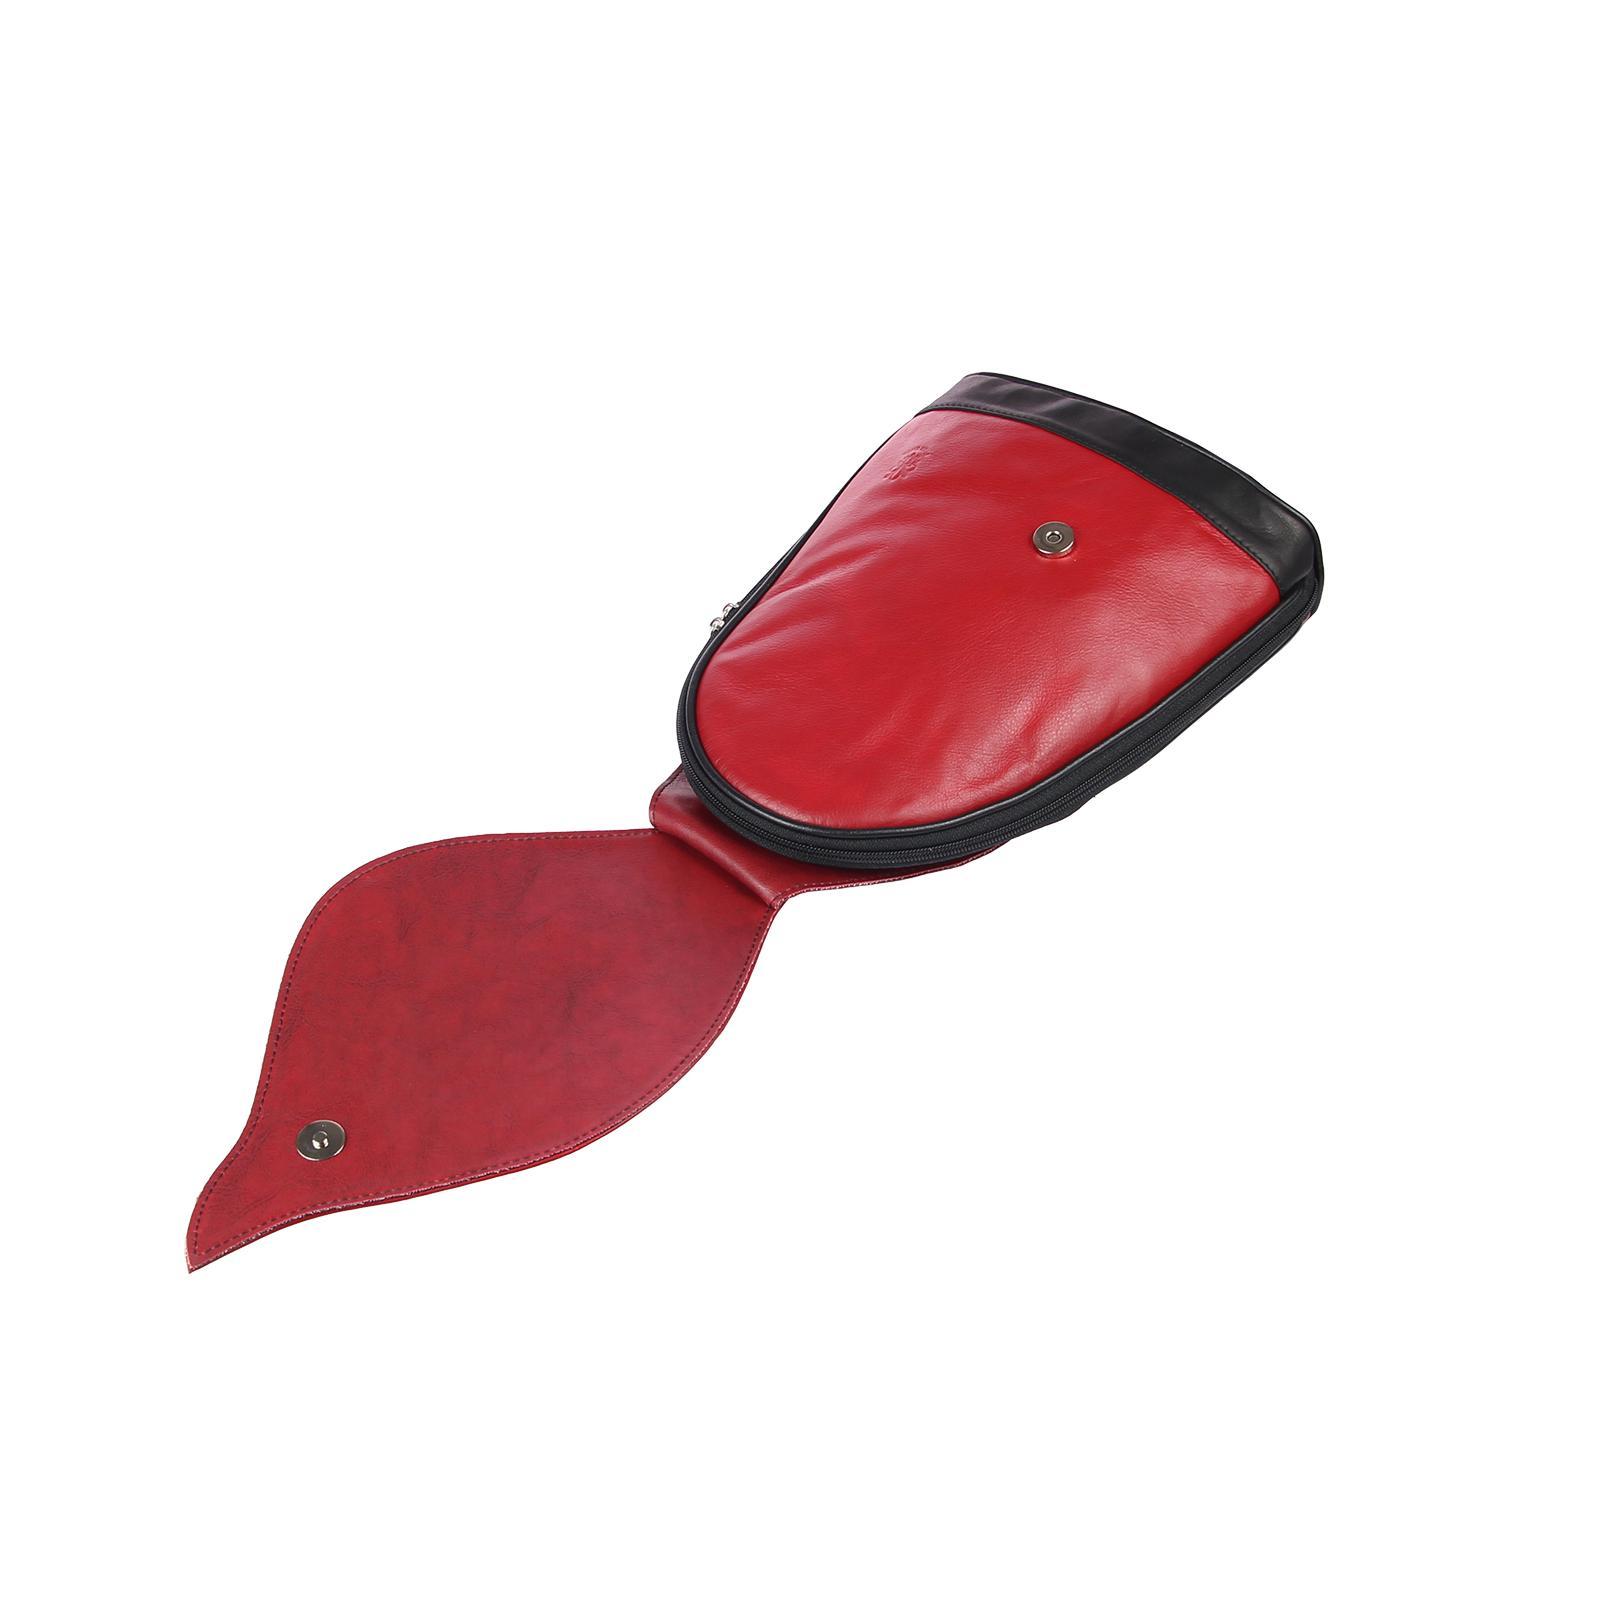 ITALY-DAMEN-LEDER-RUCKSACK-Schulter-Tasche-Reise-BACKPACK-Lederrucksack-it-BAG Indexbild 35